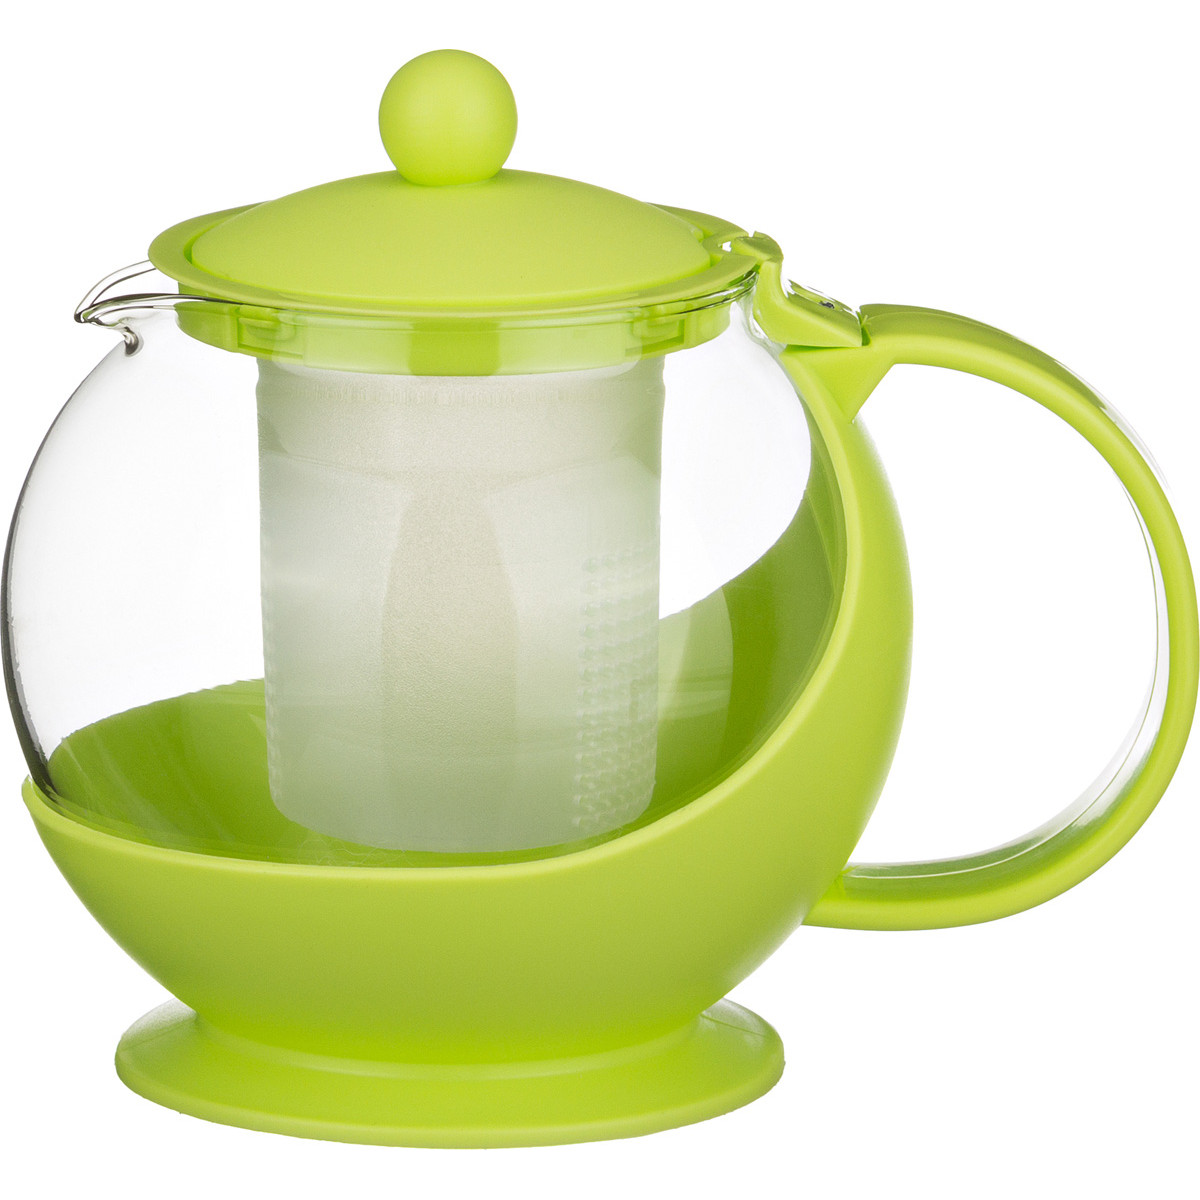 {} Agness Сервиз Alessandra  (1250 мл) чайник 1250 мл цв уп 1140366